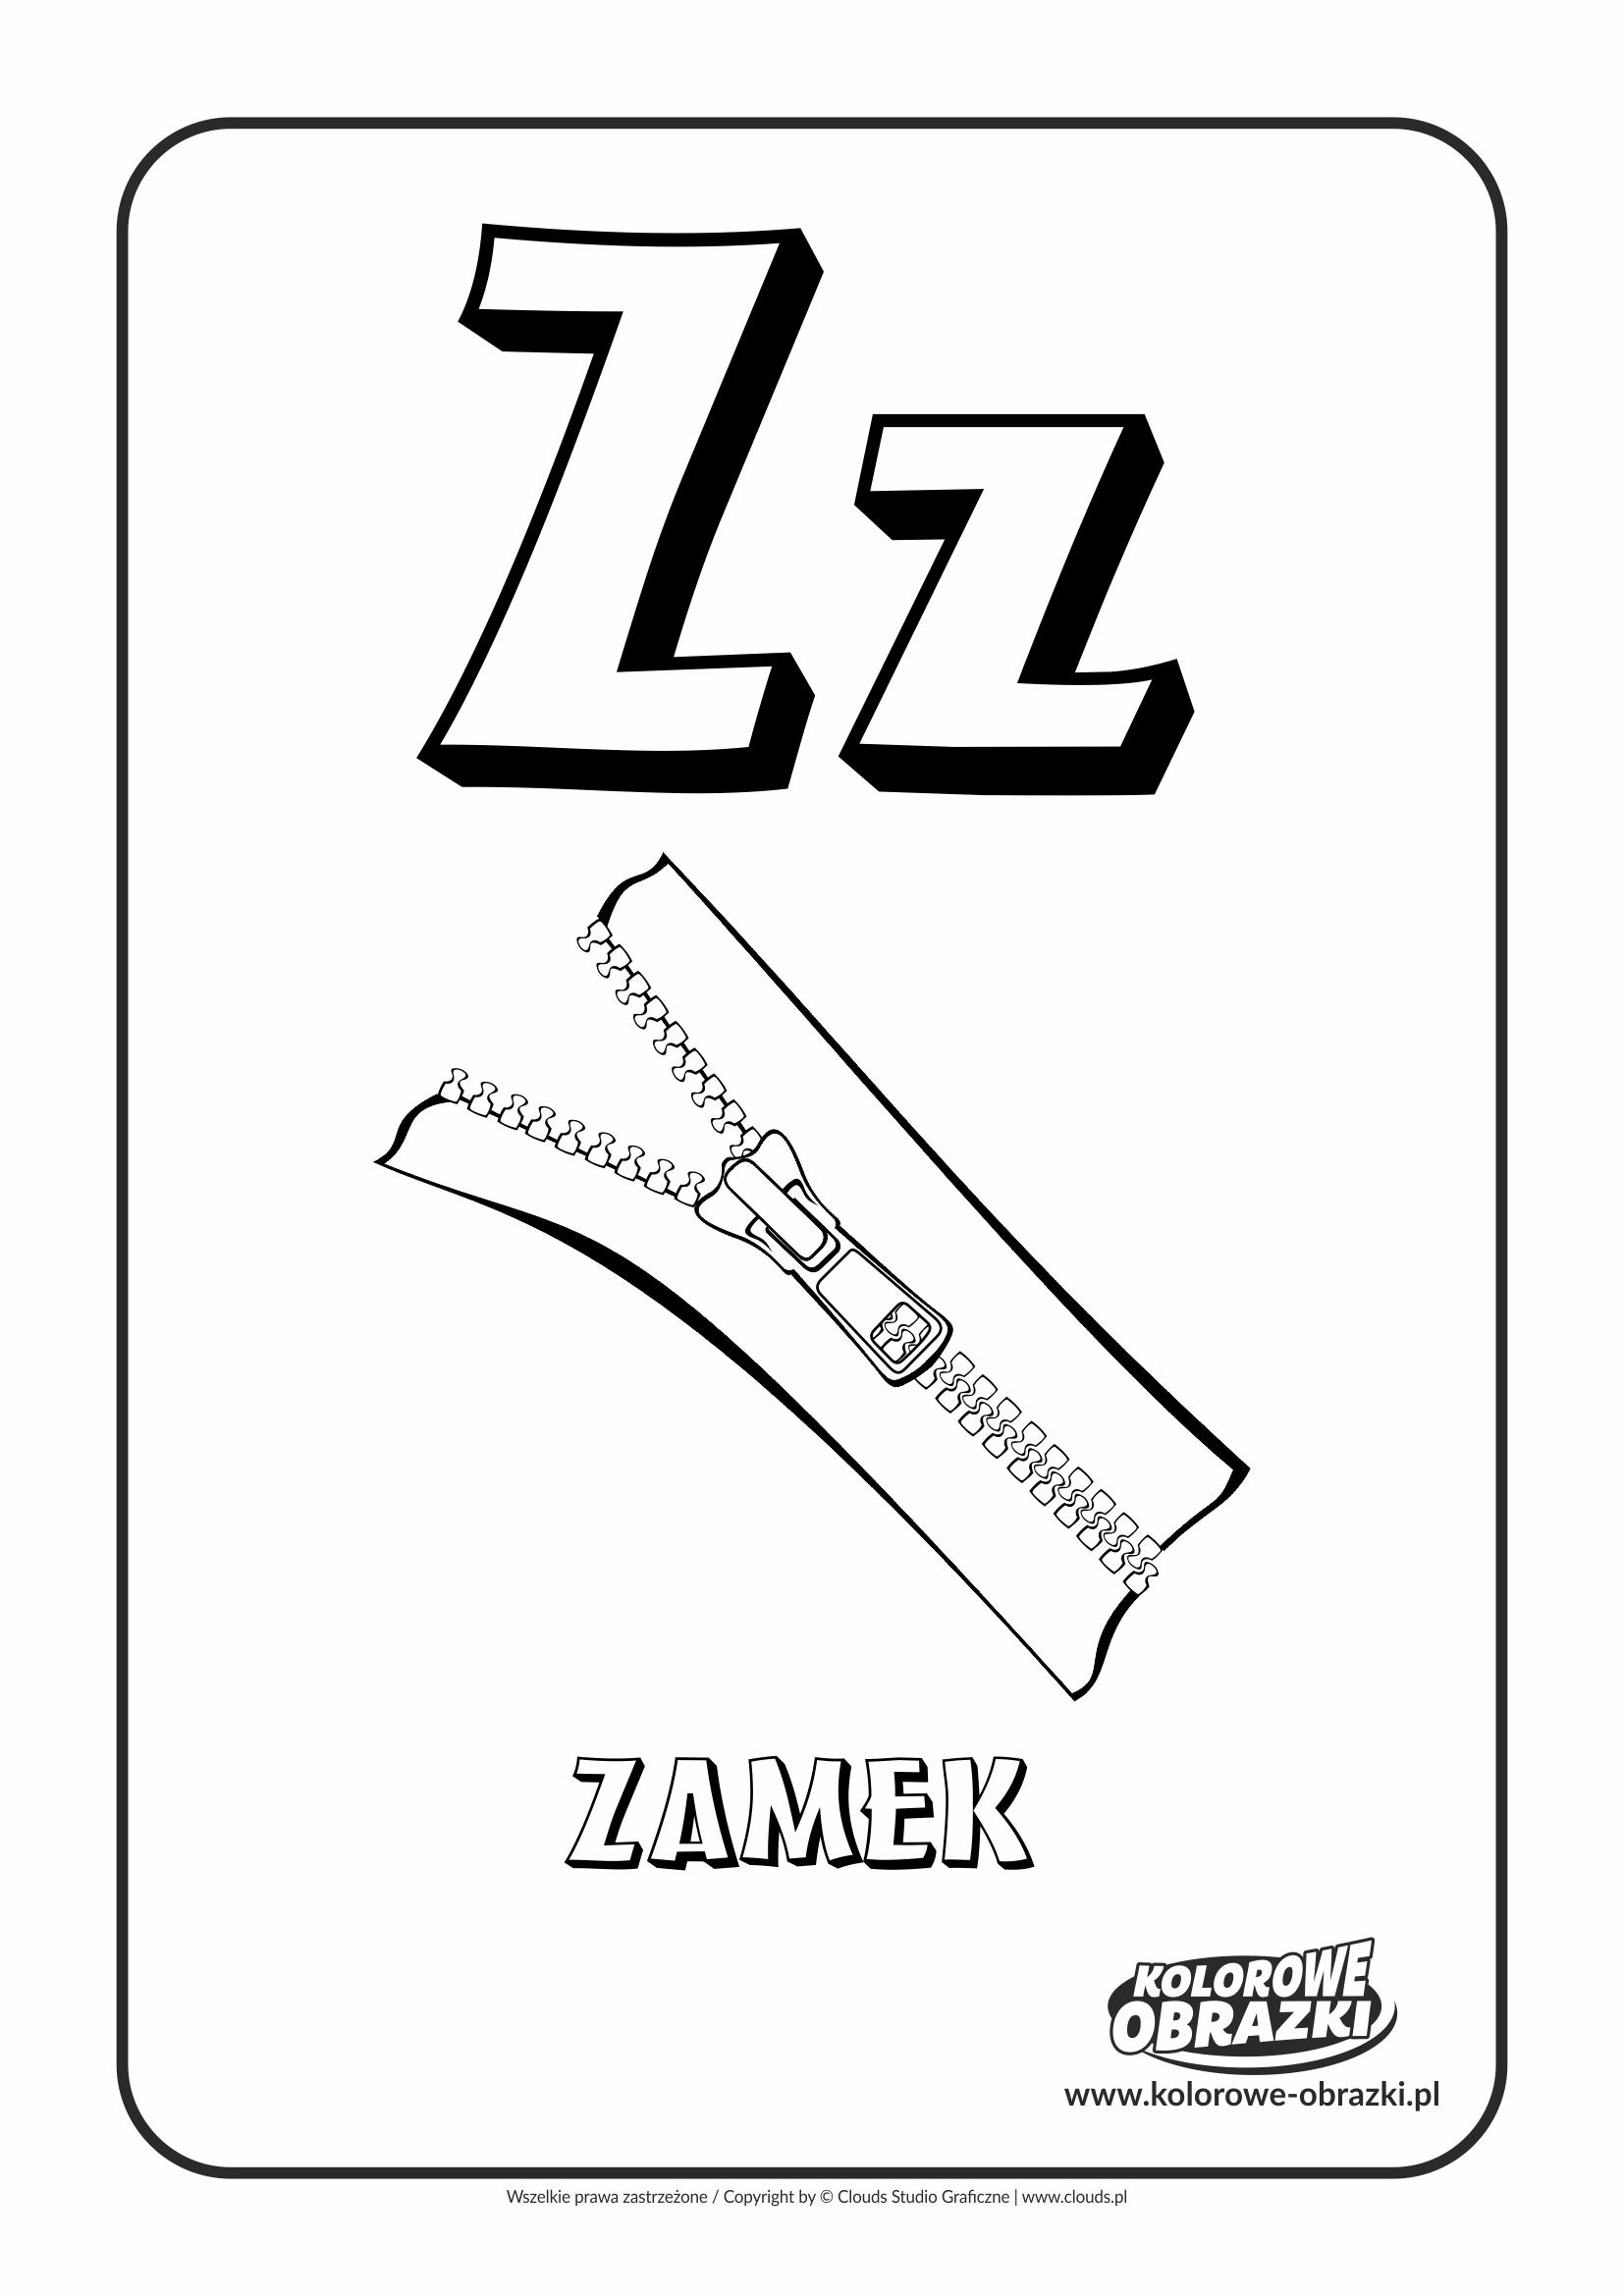 Kolorowanki dla dzieci - Litery / Litera Z. Kolorowanka z literą Z